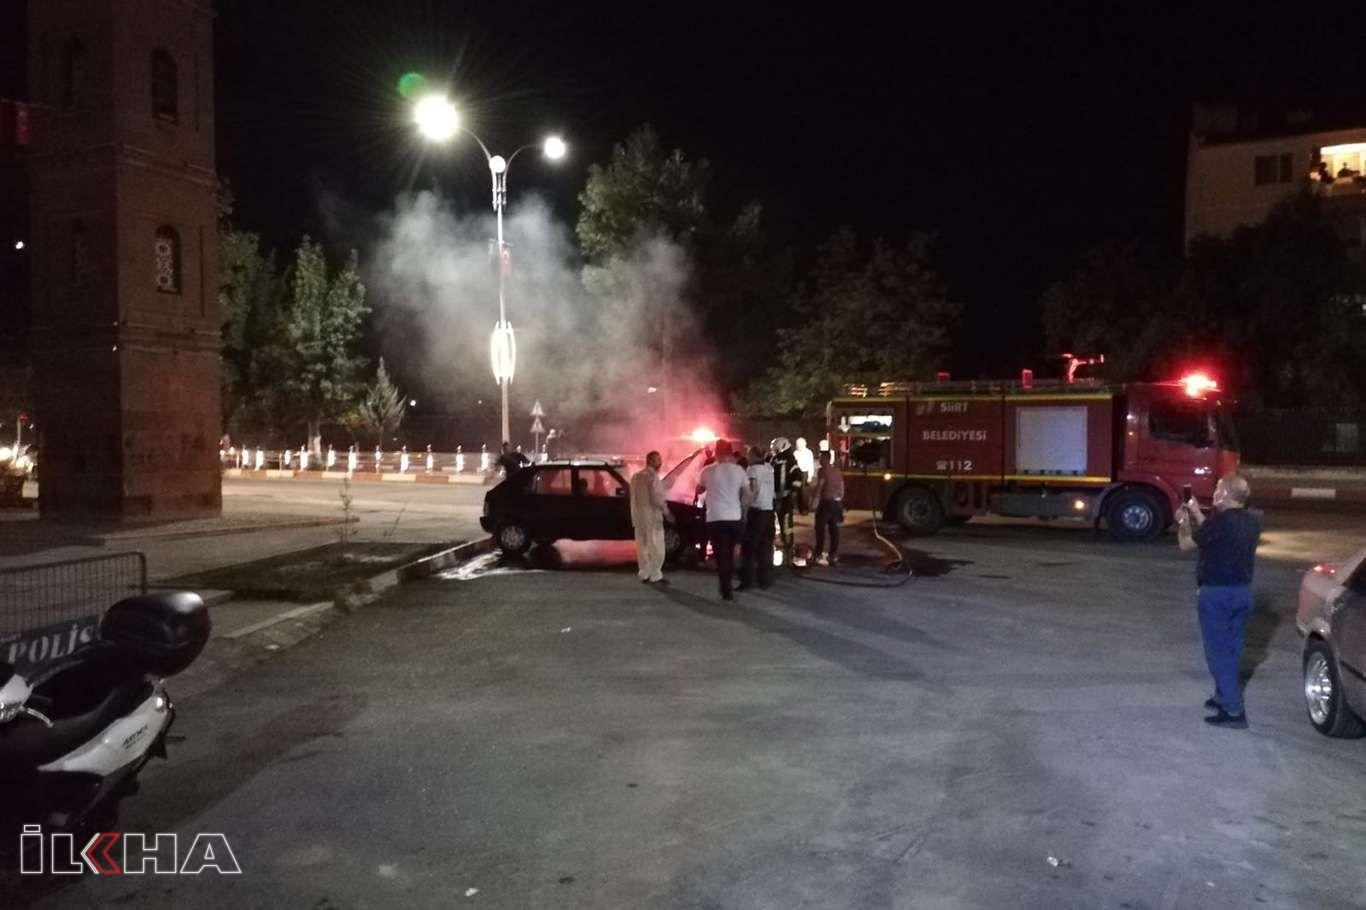 Siirtte park halindeki otomobil alev aldı